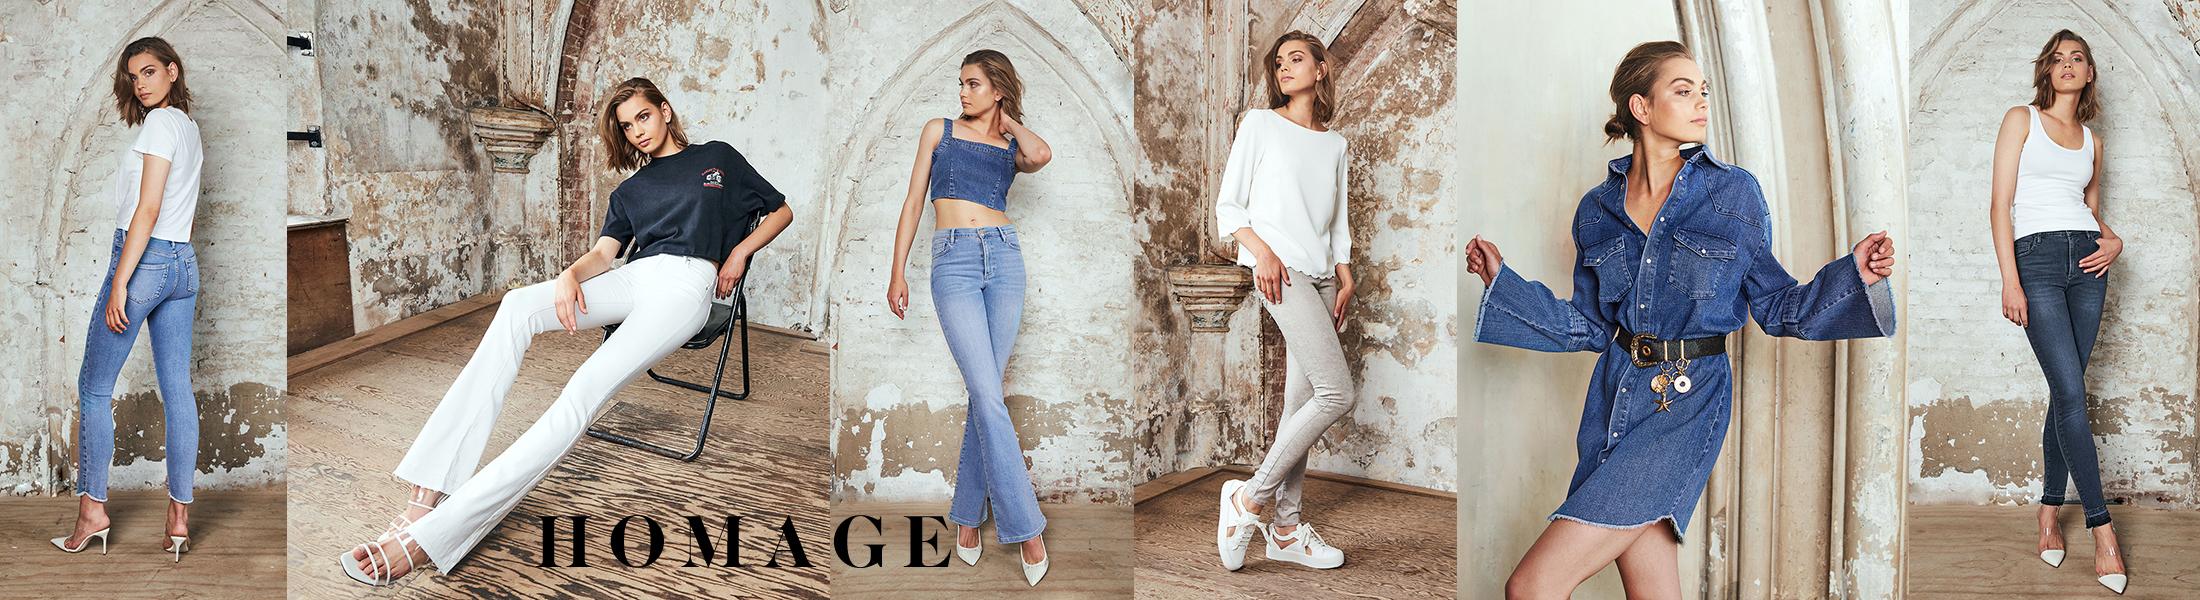 Welp BoHo Chic Fashion – bohemian style kleding en Ibiza mode! LE-45